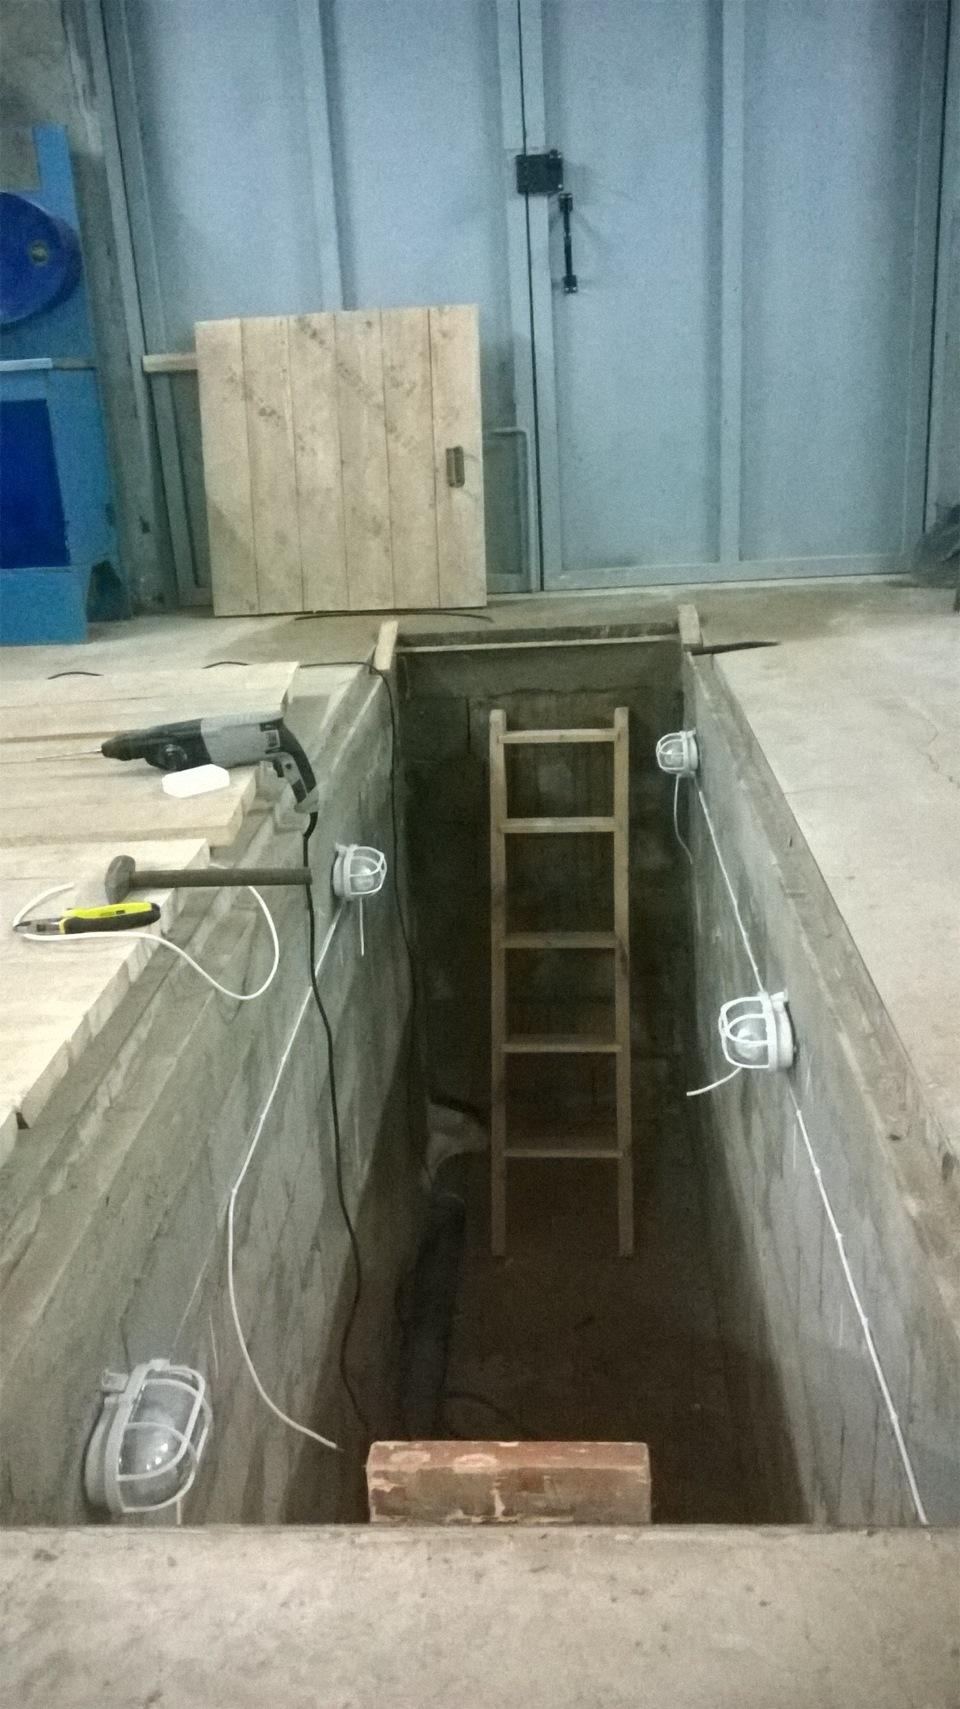 Вентиляция овощной ямы в гараже: как устроить вентилирование гаражного овощехранилища